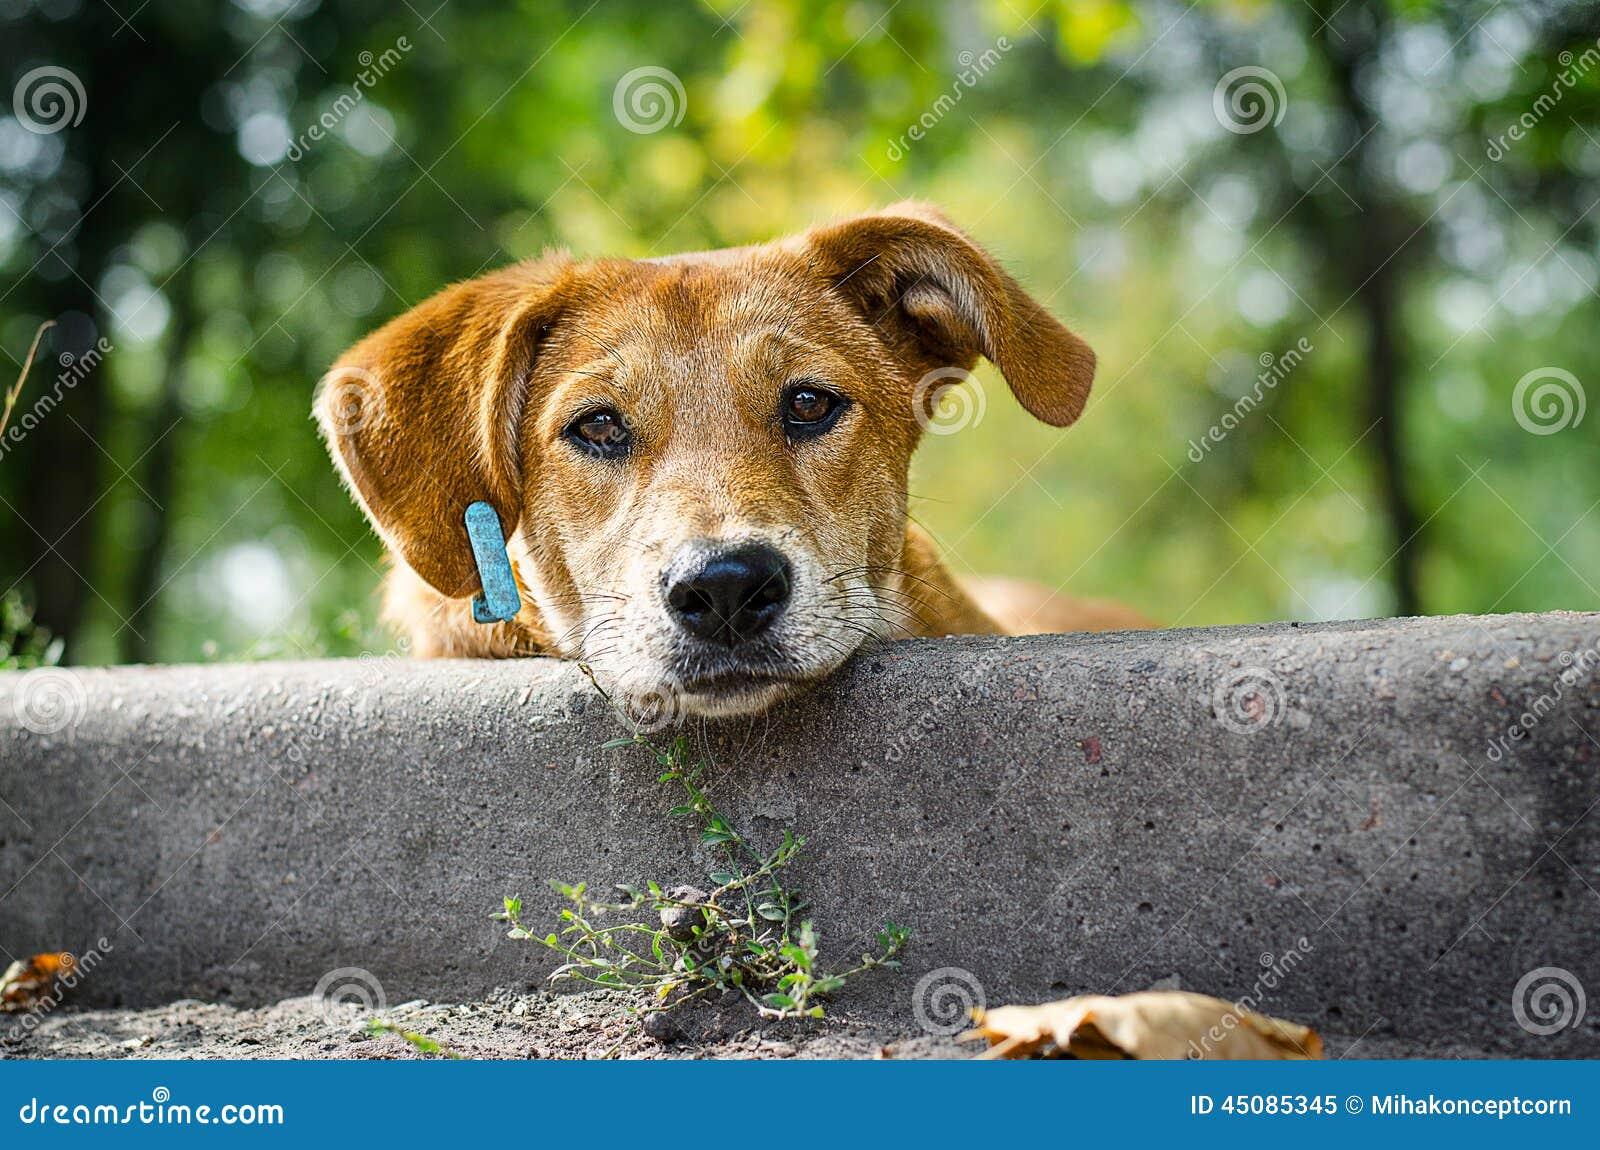 Stray Dog with Sad Eyes Stock Photo - Image: 45085345